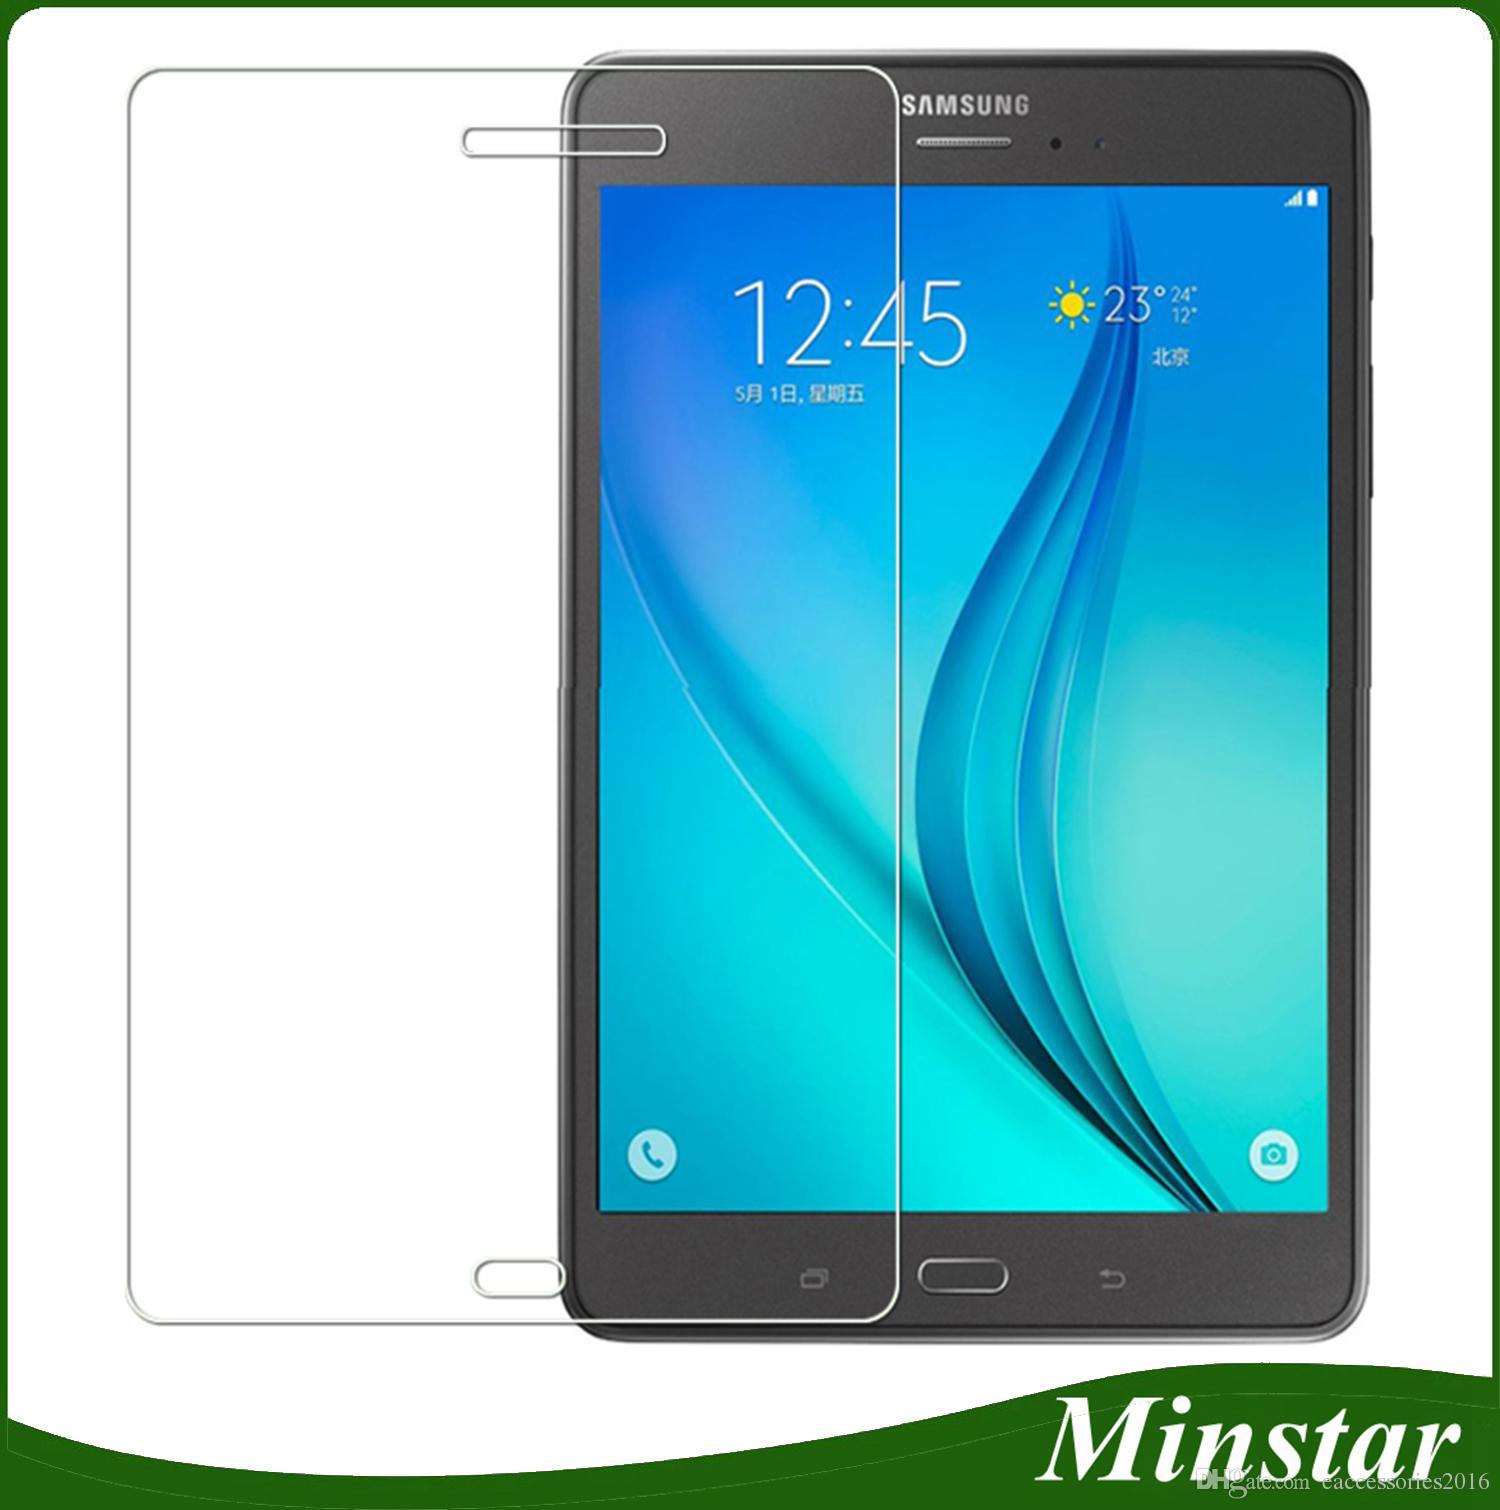 3c372c7d5 Vetro Temperato Galaxy S5 Samsung Galaxy Tab A 2017 T380 T385 T385 8  Pollici TabA T285 T280 7 T580 T585 10.1 Tablet Protezione Dello Schermo  Sottile In ...